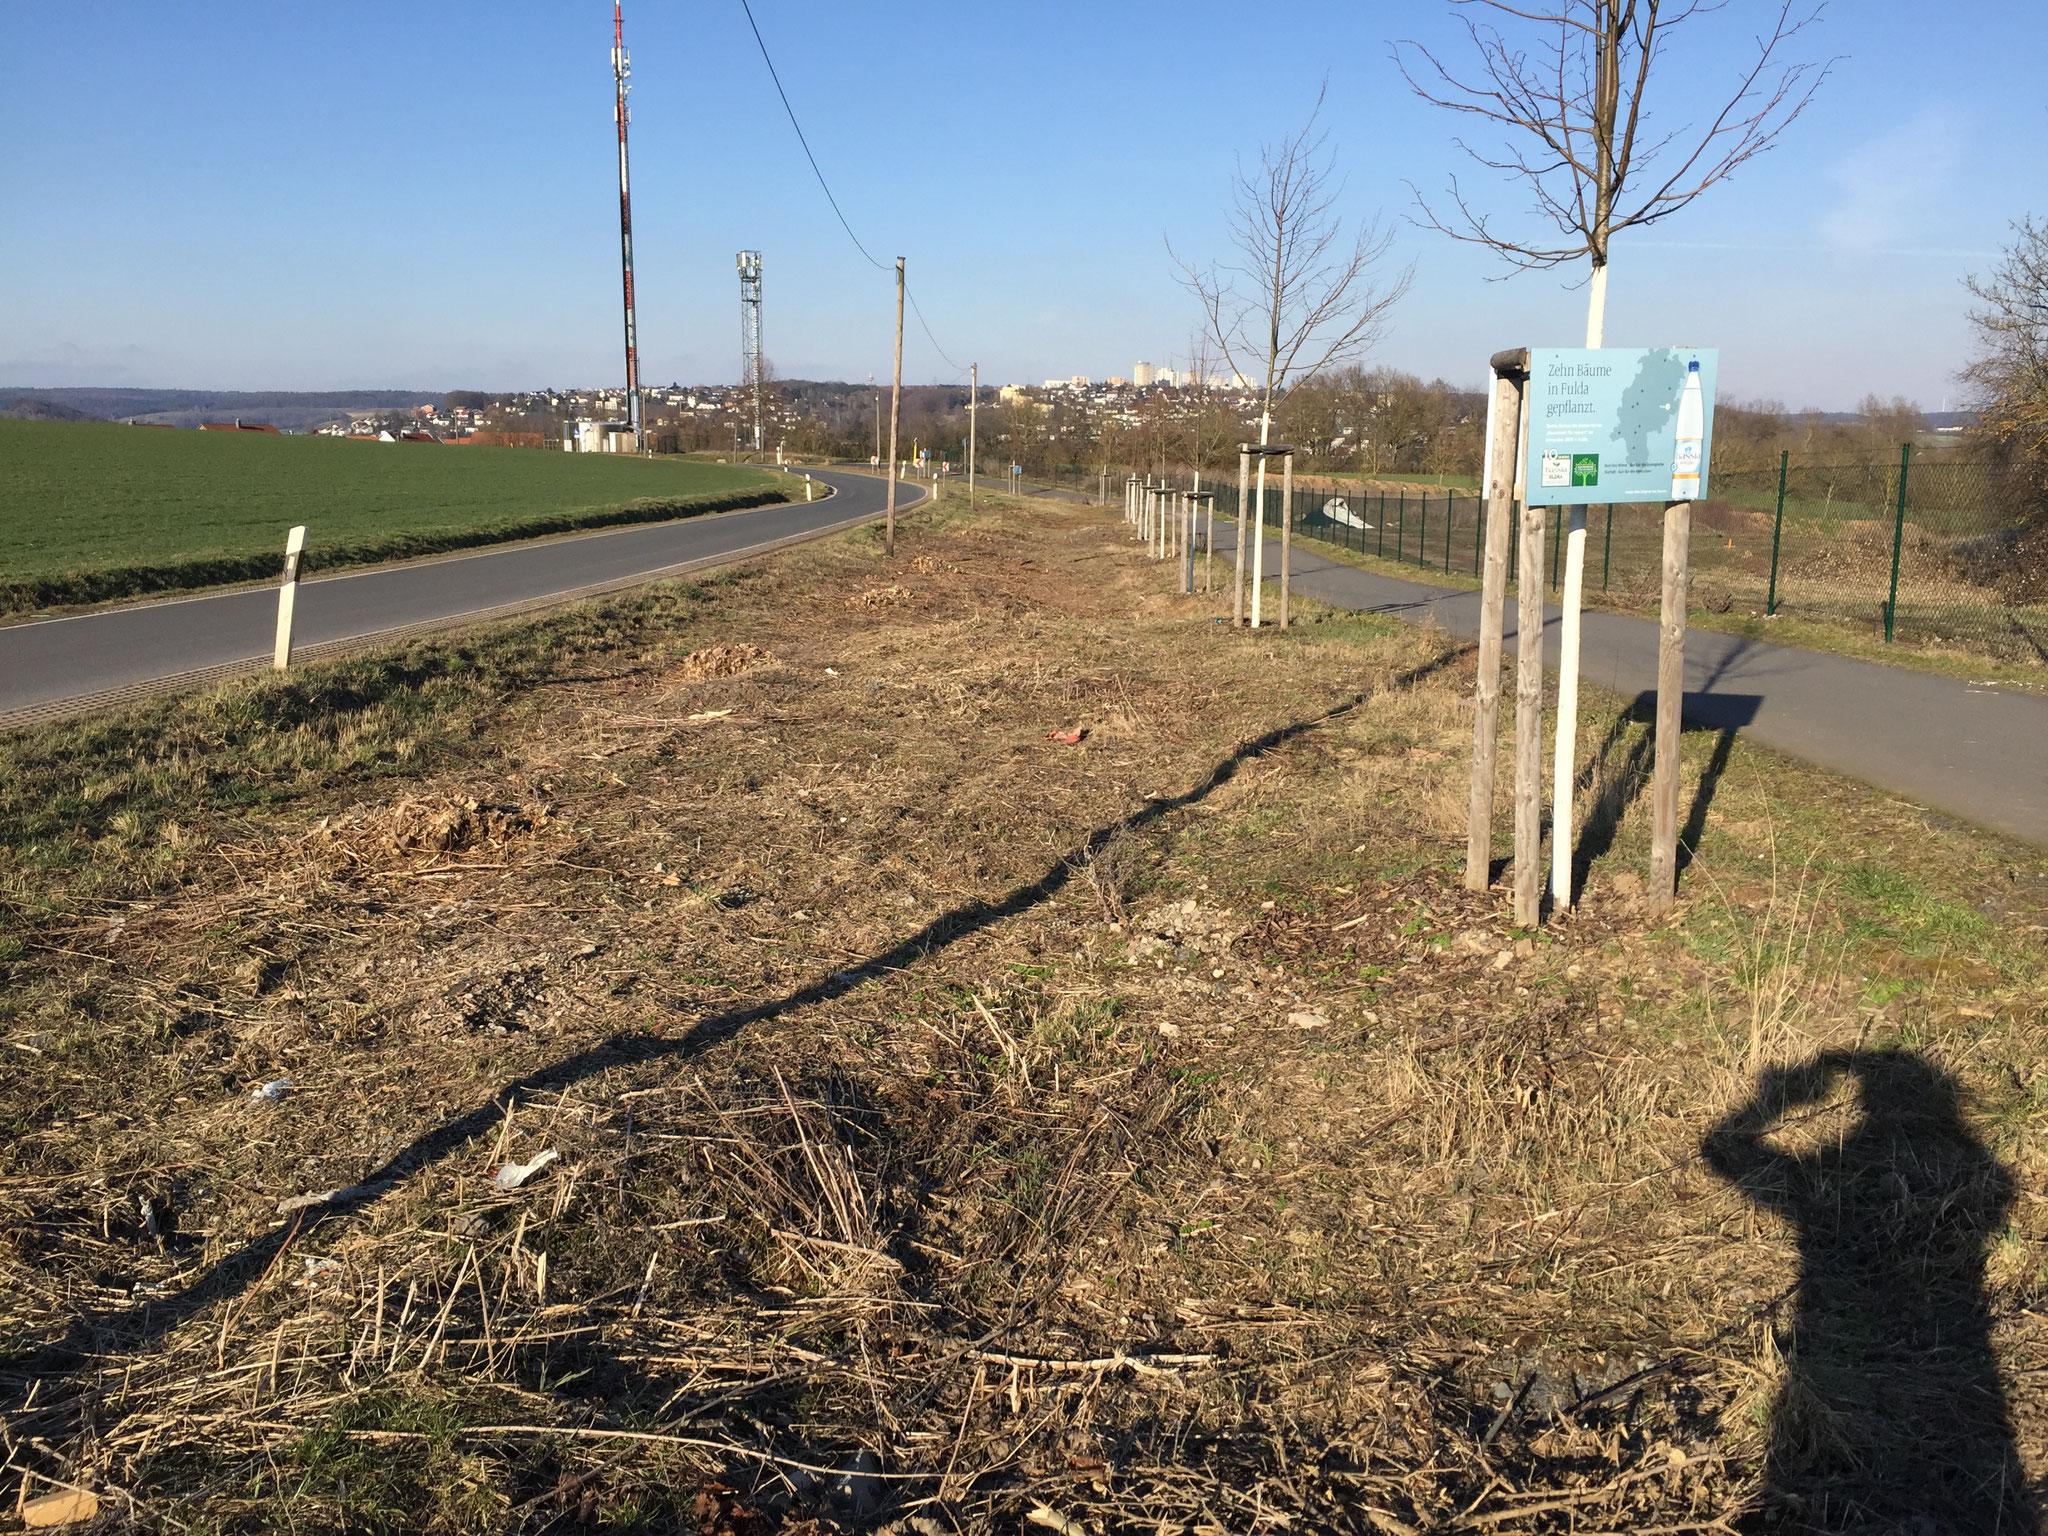 zwischen Haimbach und Maberzell: hier wurden alte Bäume gefällt, um junge Bäume zu pflanzen